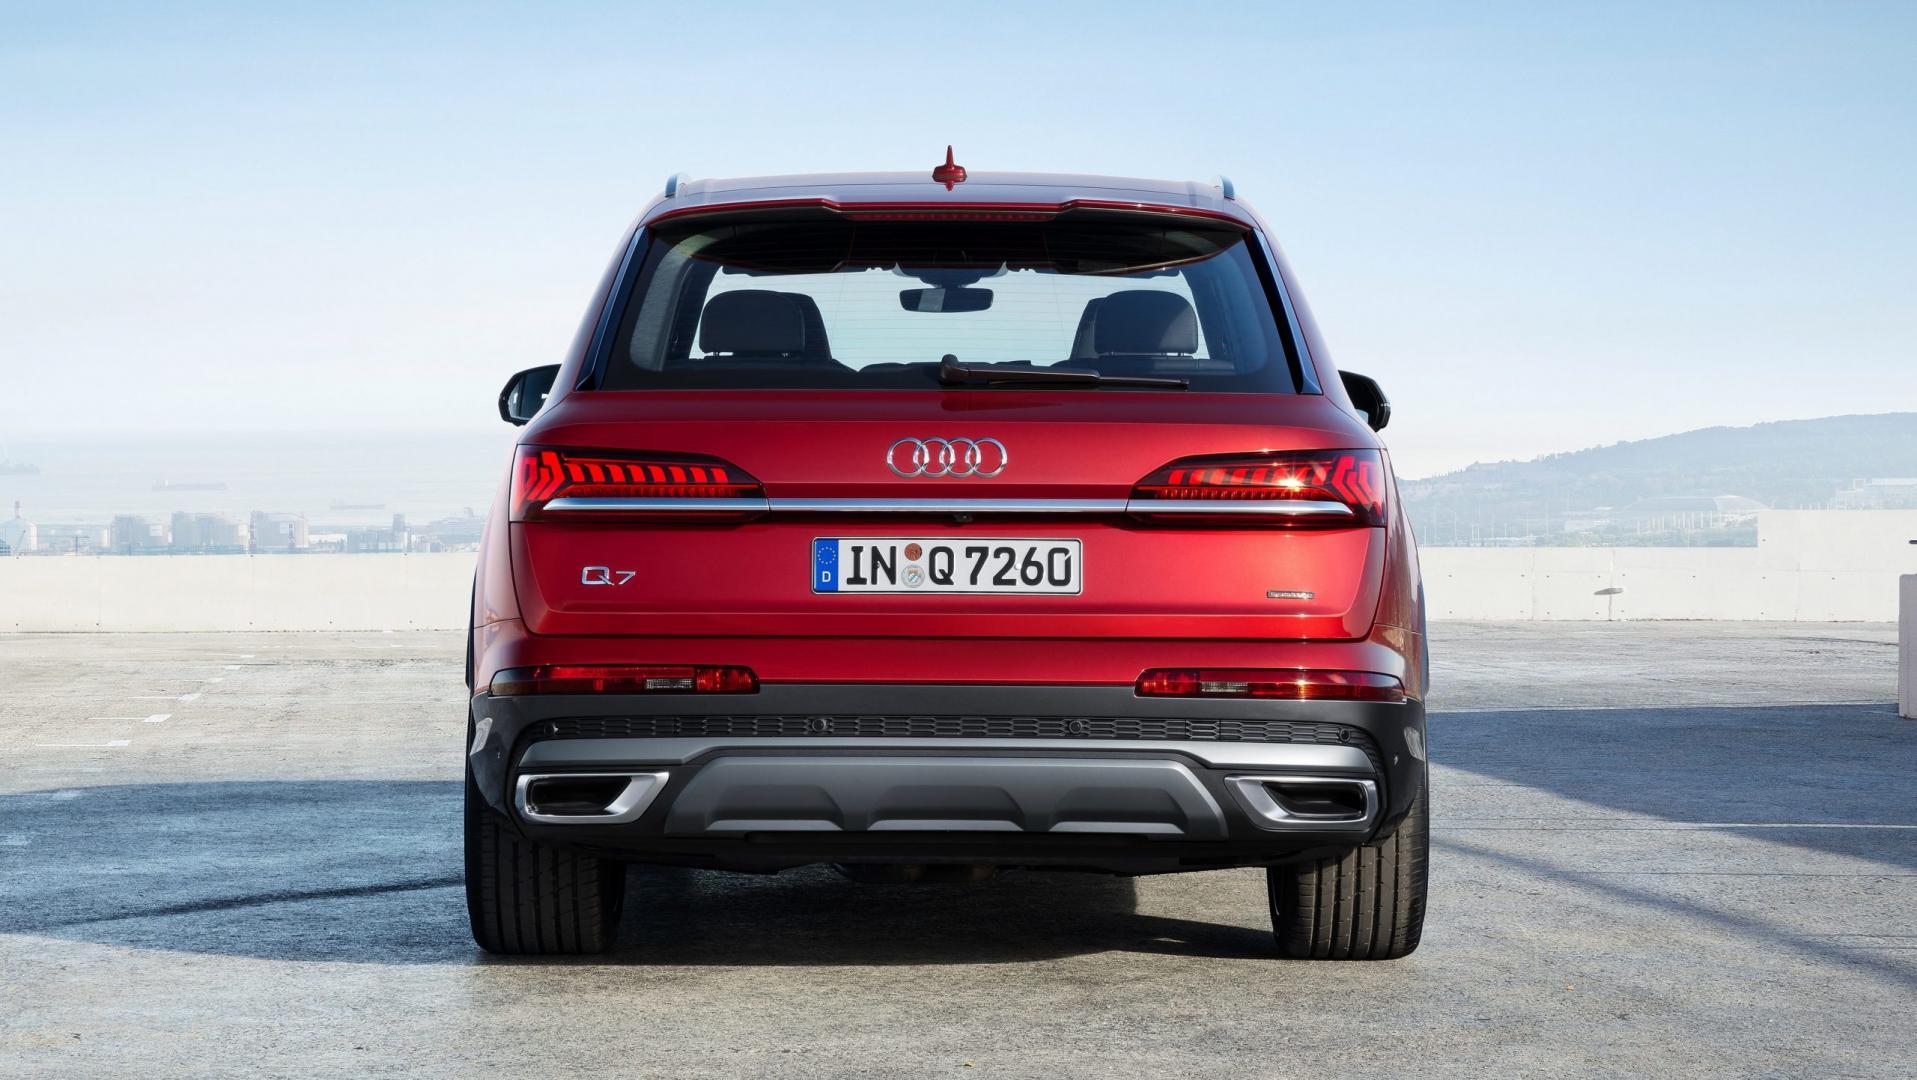 Audi Q7-facelift 2019 Matador red